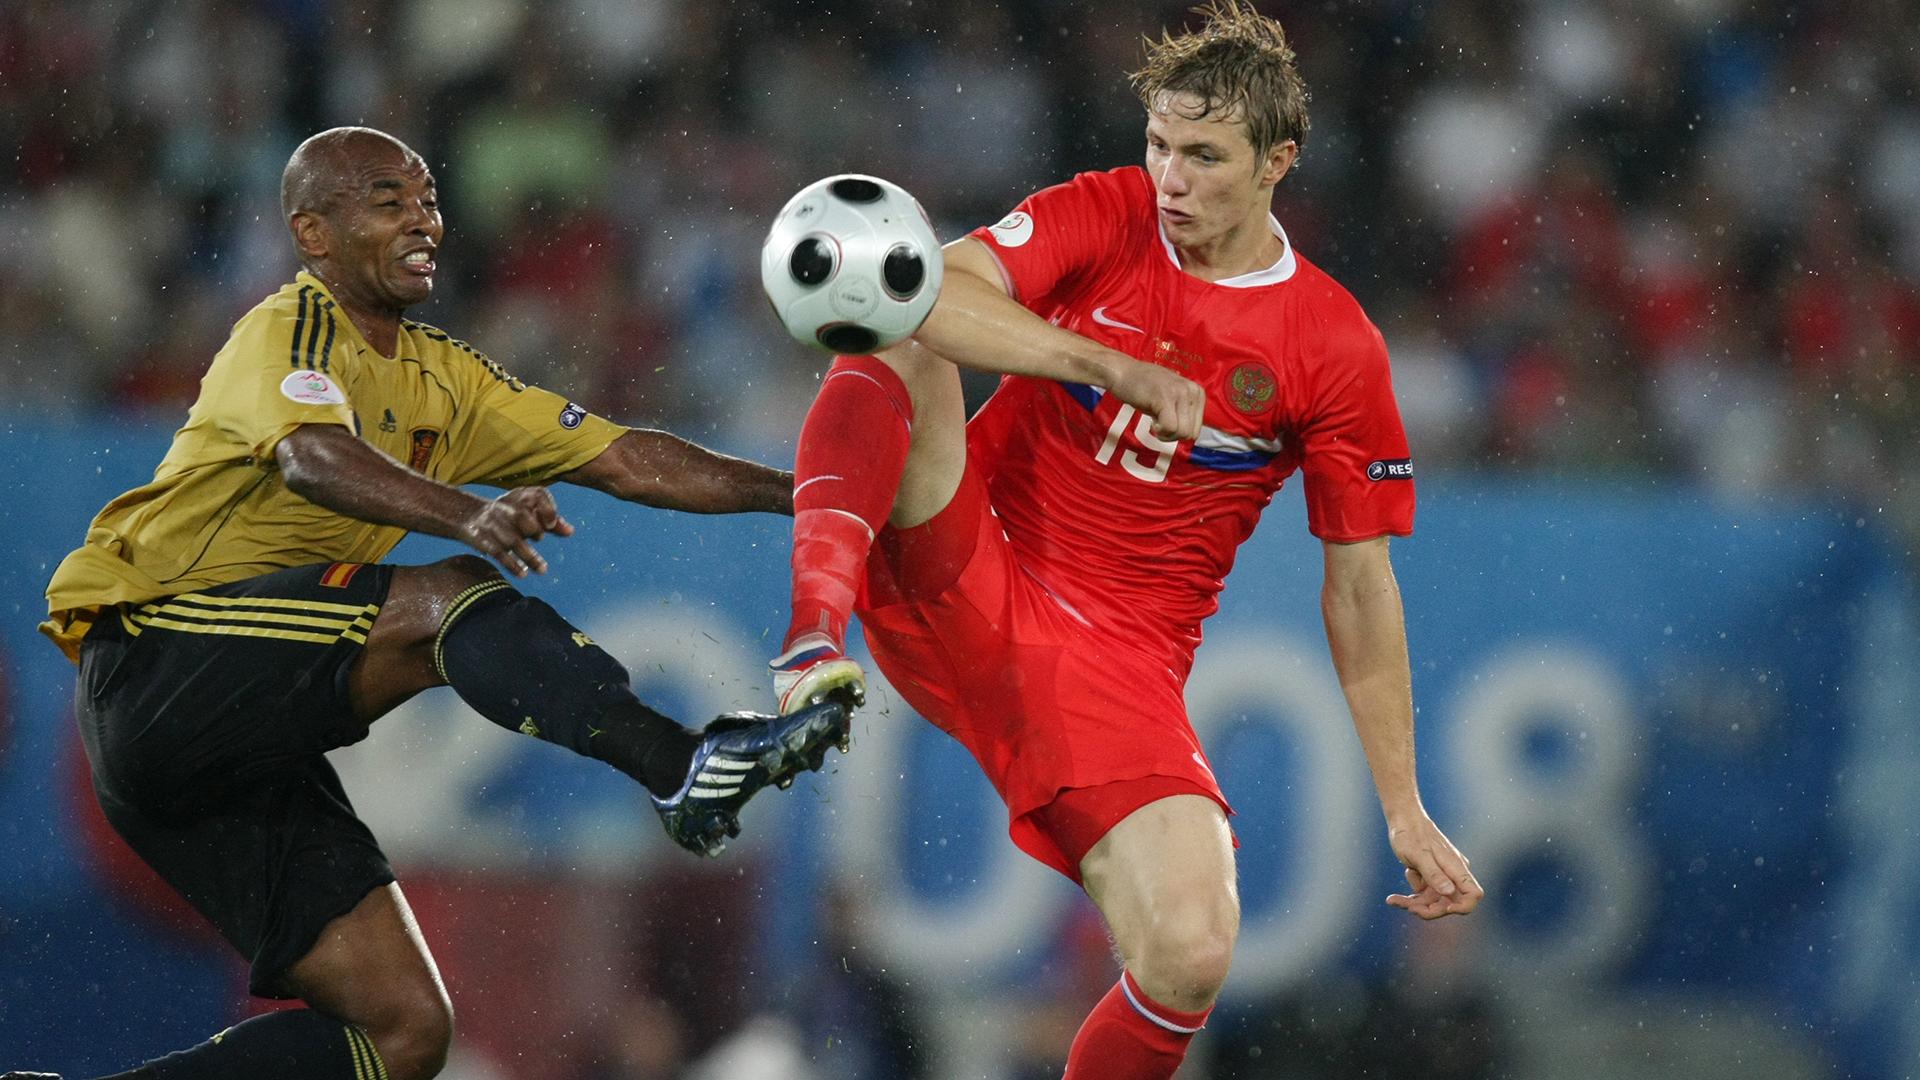 матч Россия - Испания на чемпионате Европы 2008